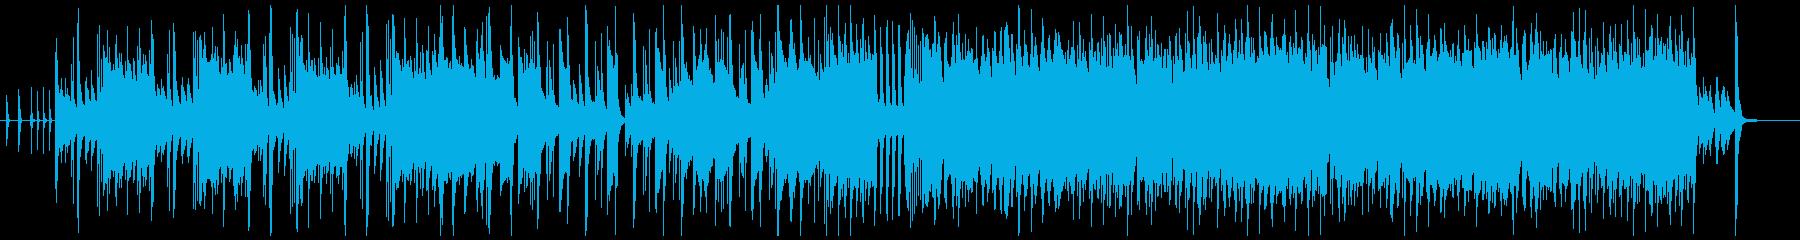 かわいくアップテンポなピアノジャズ風曲の再生済みの波形